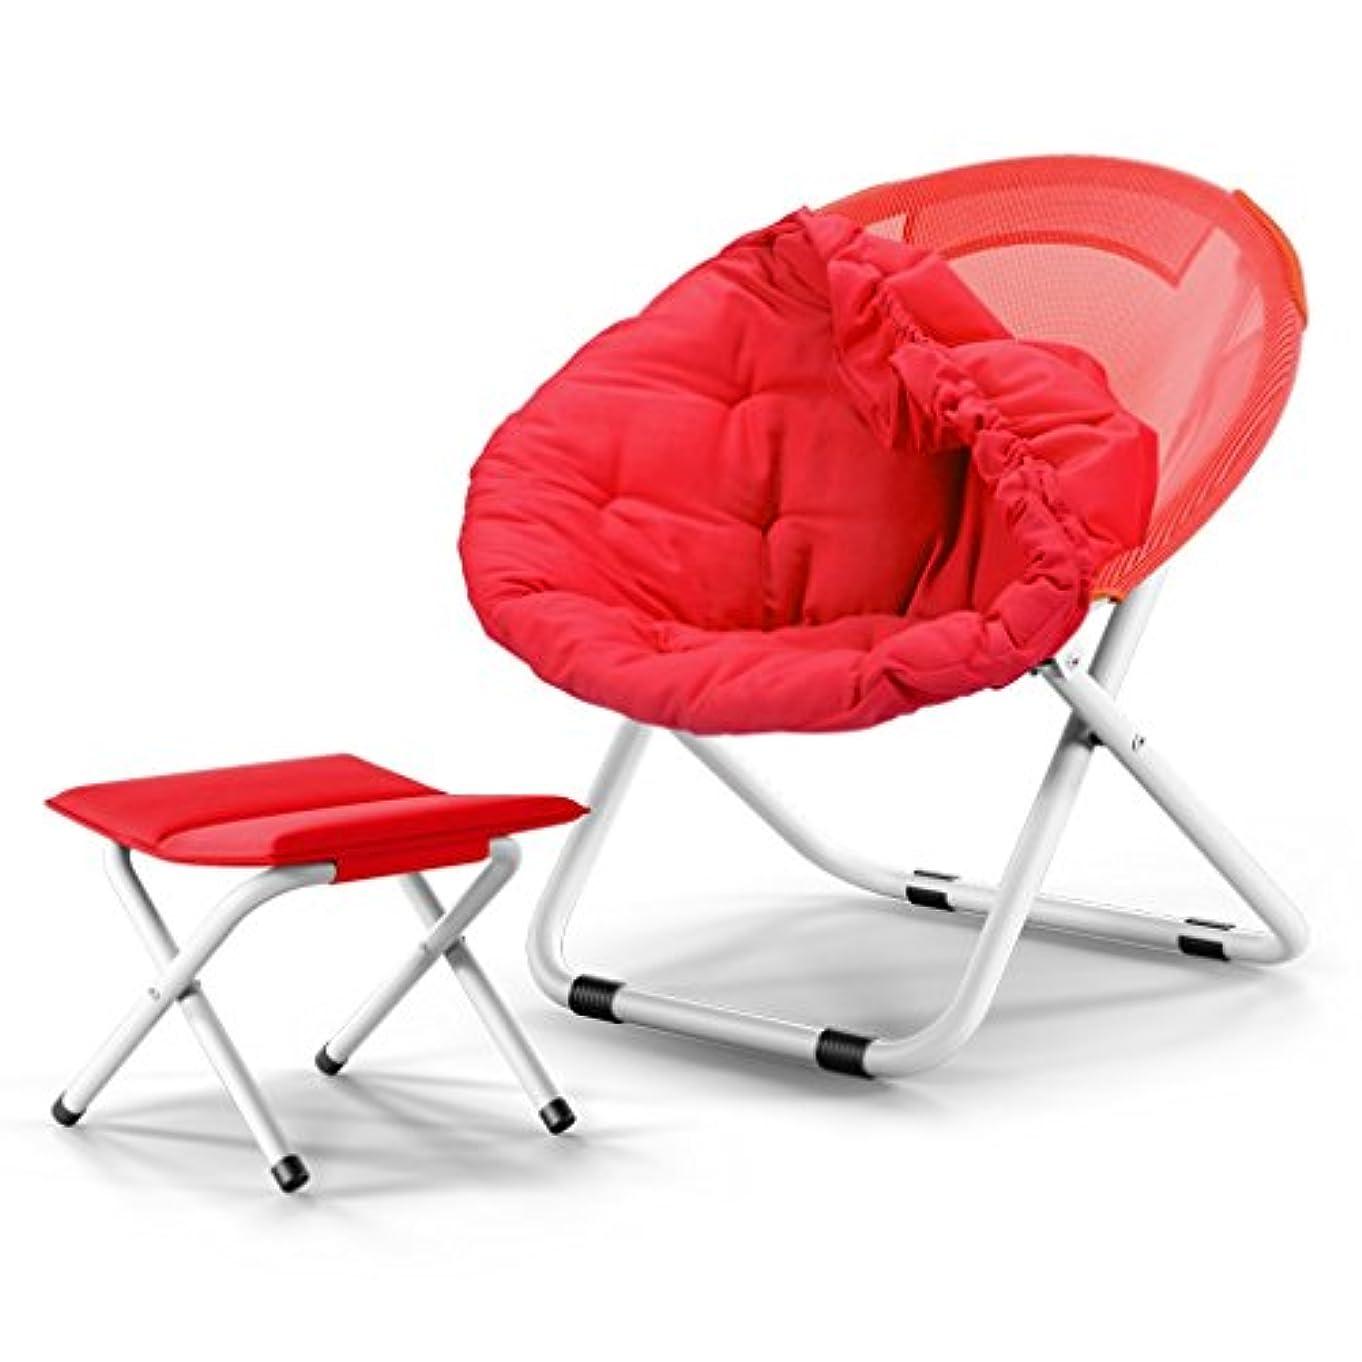 キャリア修復こんにちは折り畳み式デッキチェア携帯用旅行折りたたみ椅子丸型チェアムーンチェアキャンプチェアレジャーソファ椅子背もたれ椅子庭園パティオサンラウンジャー (色 : 赤, 設計 : A+Footstool)